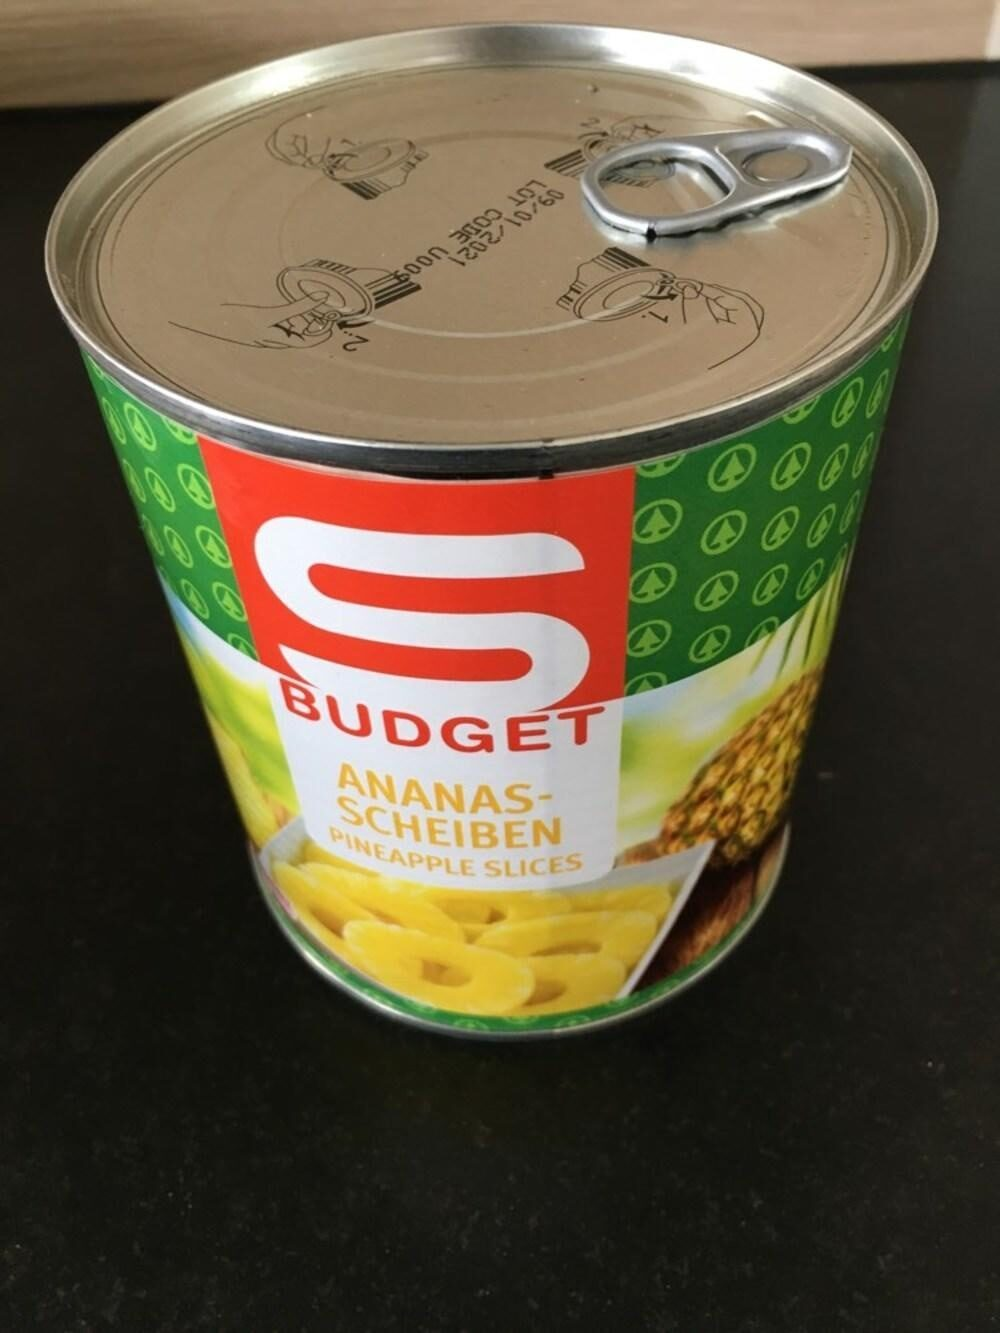 Ananas-Scheiben - Product - en